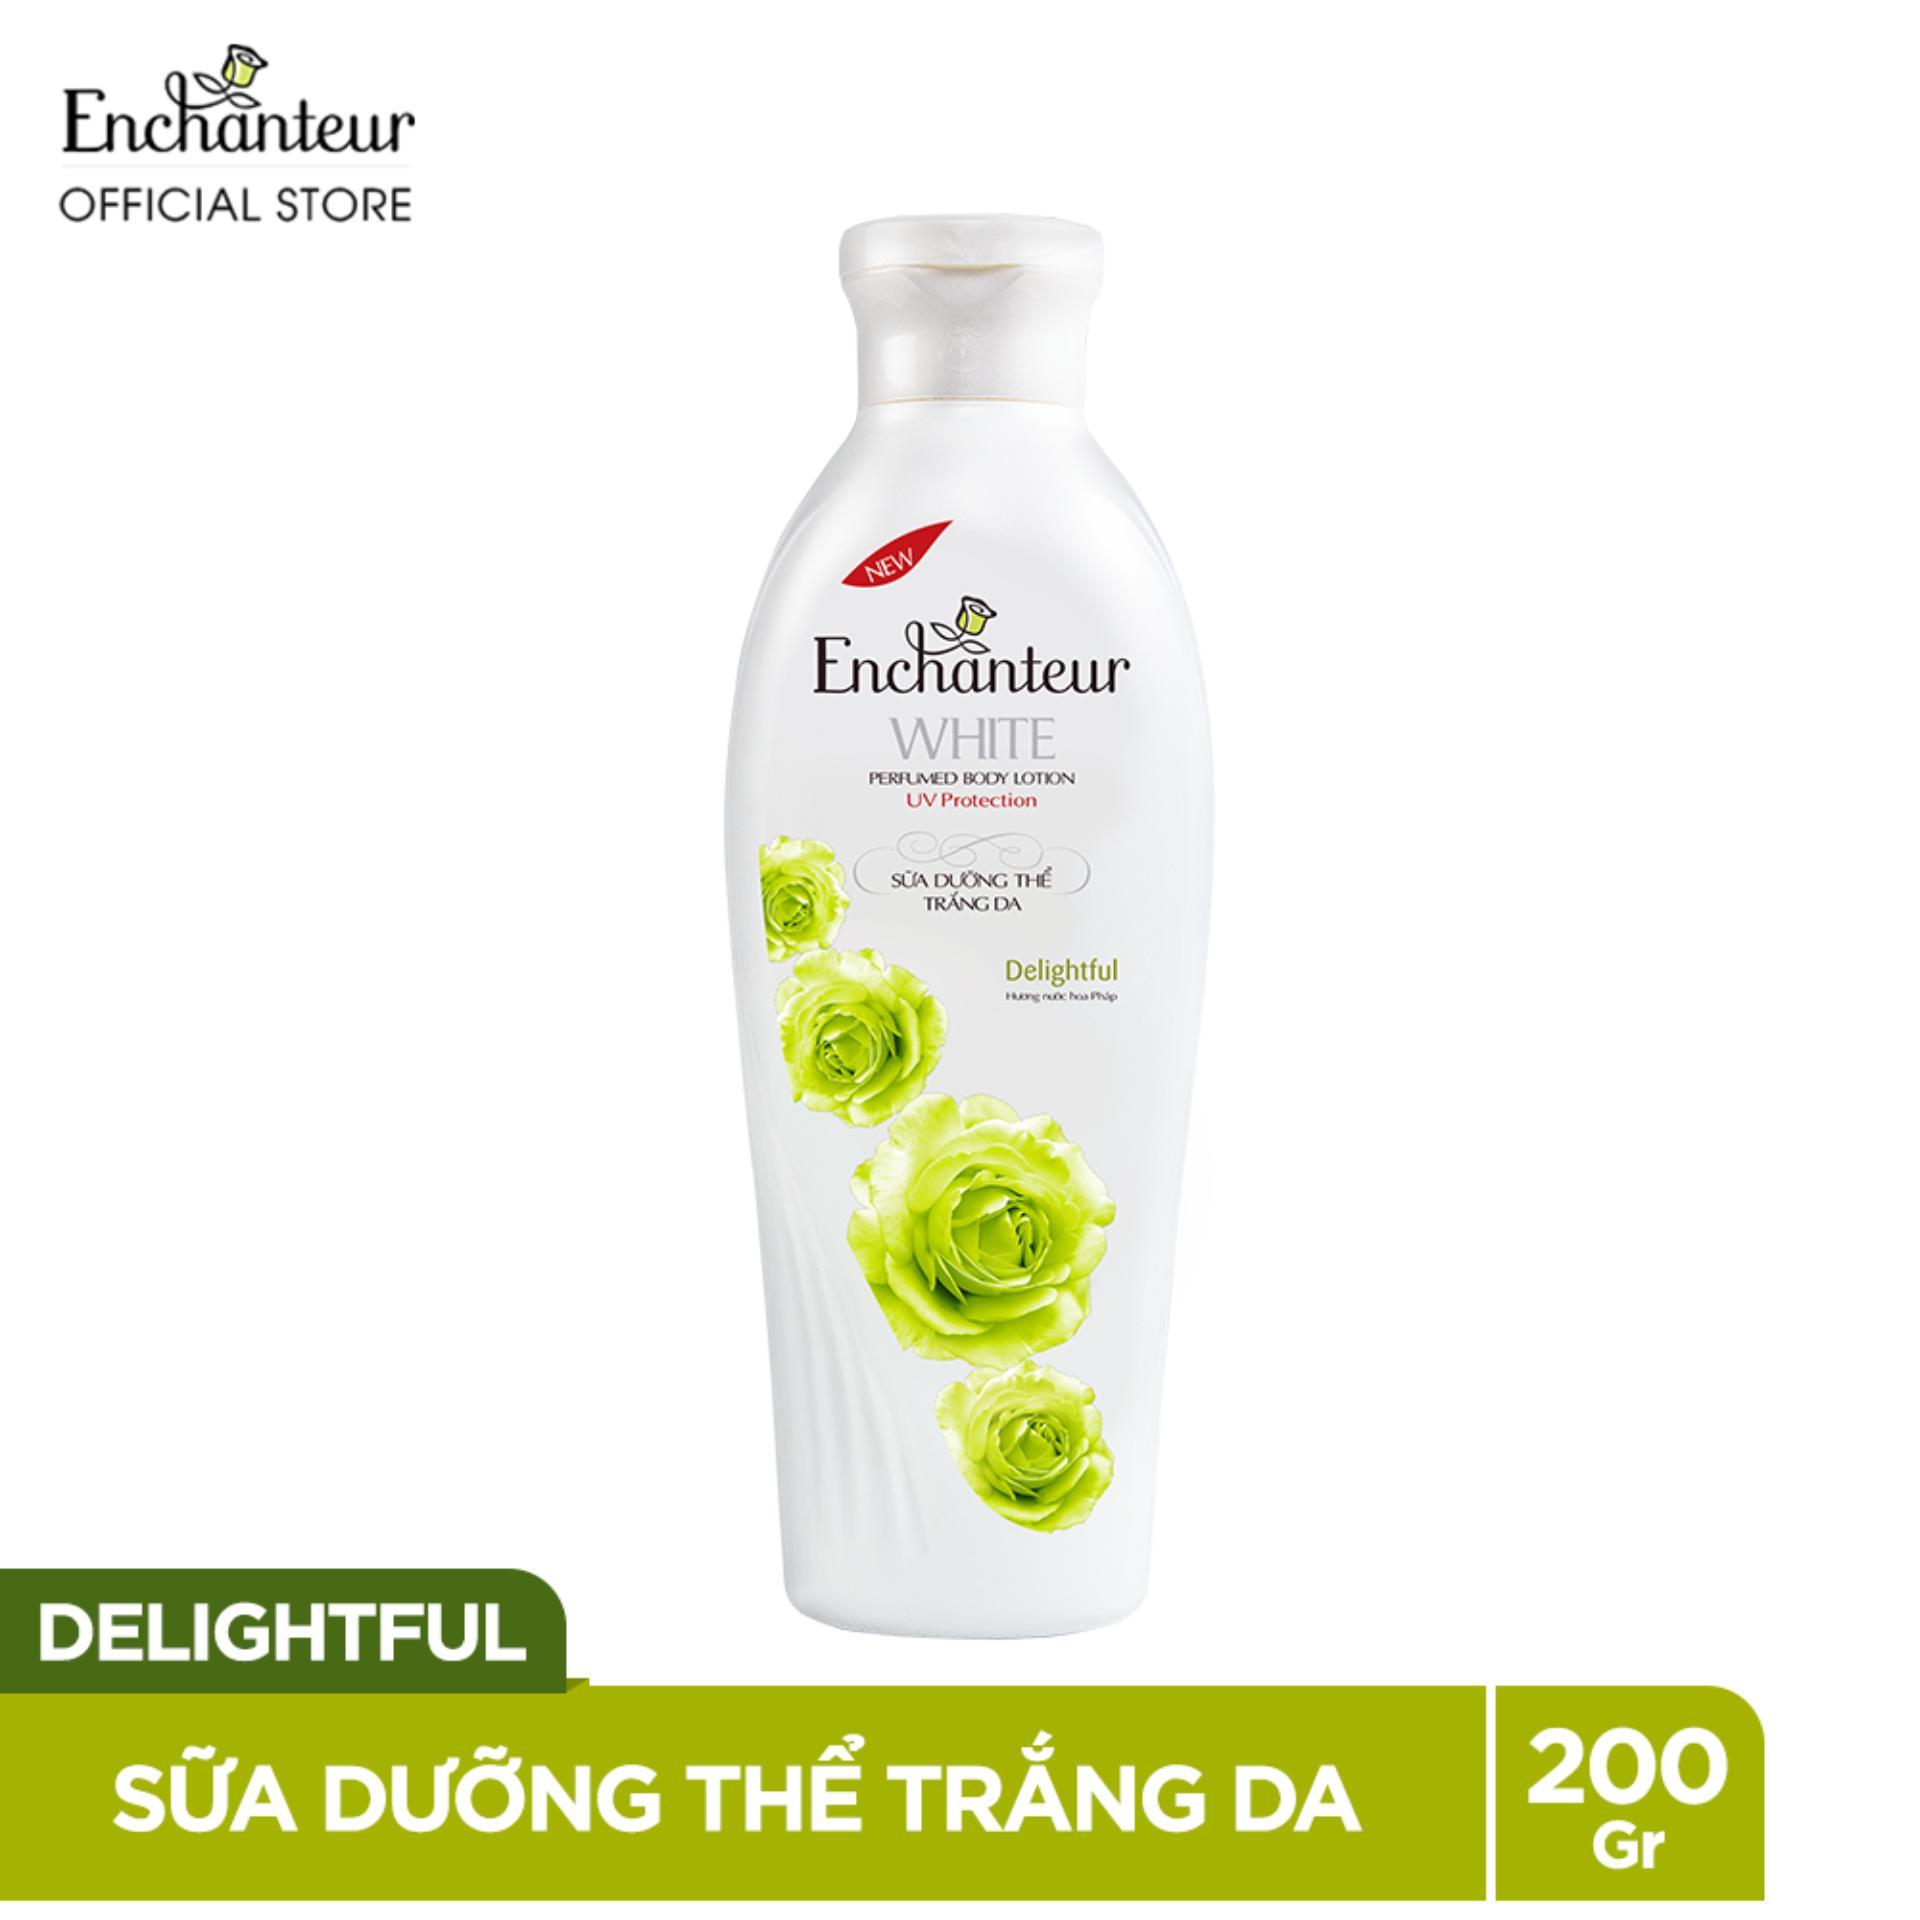 Enchanteur sữa dưỡng thể trắng da Delightful 200g chính hãng